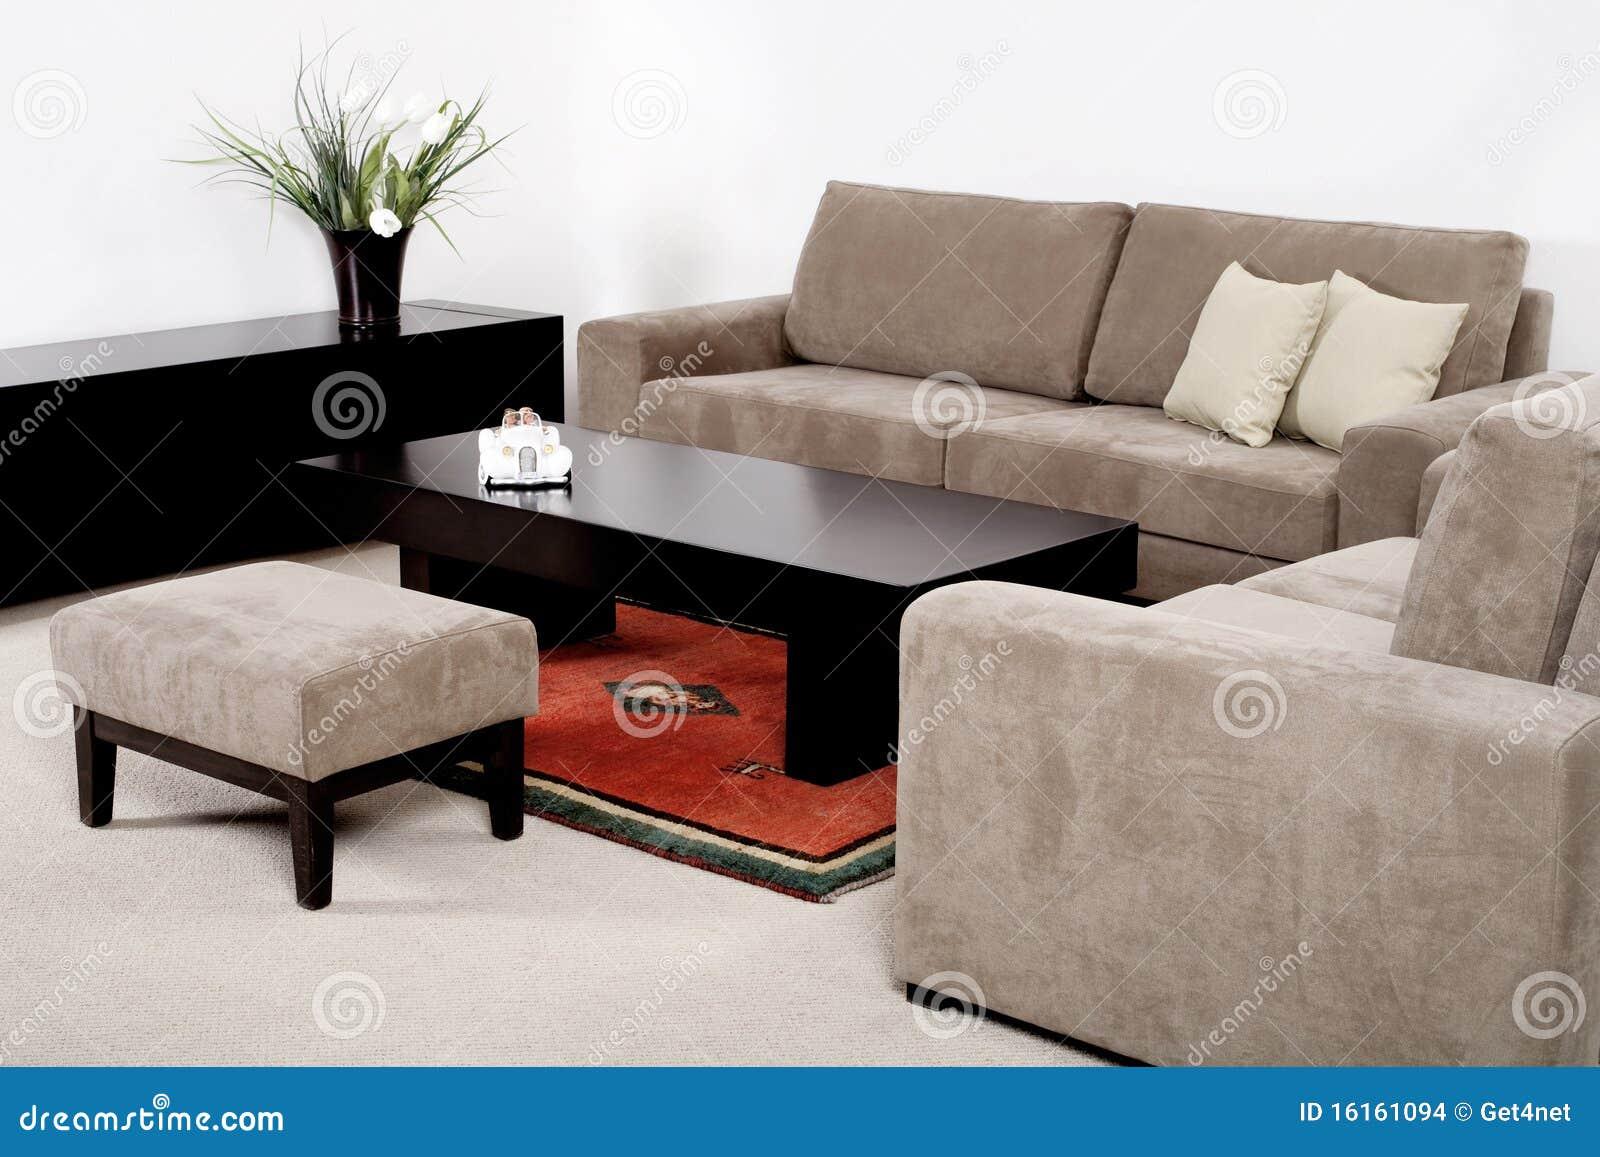 Sala De Estar Con Los Muebles Modernos Foto De Archivo Imagen De - Muebles-modernos-de-sala